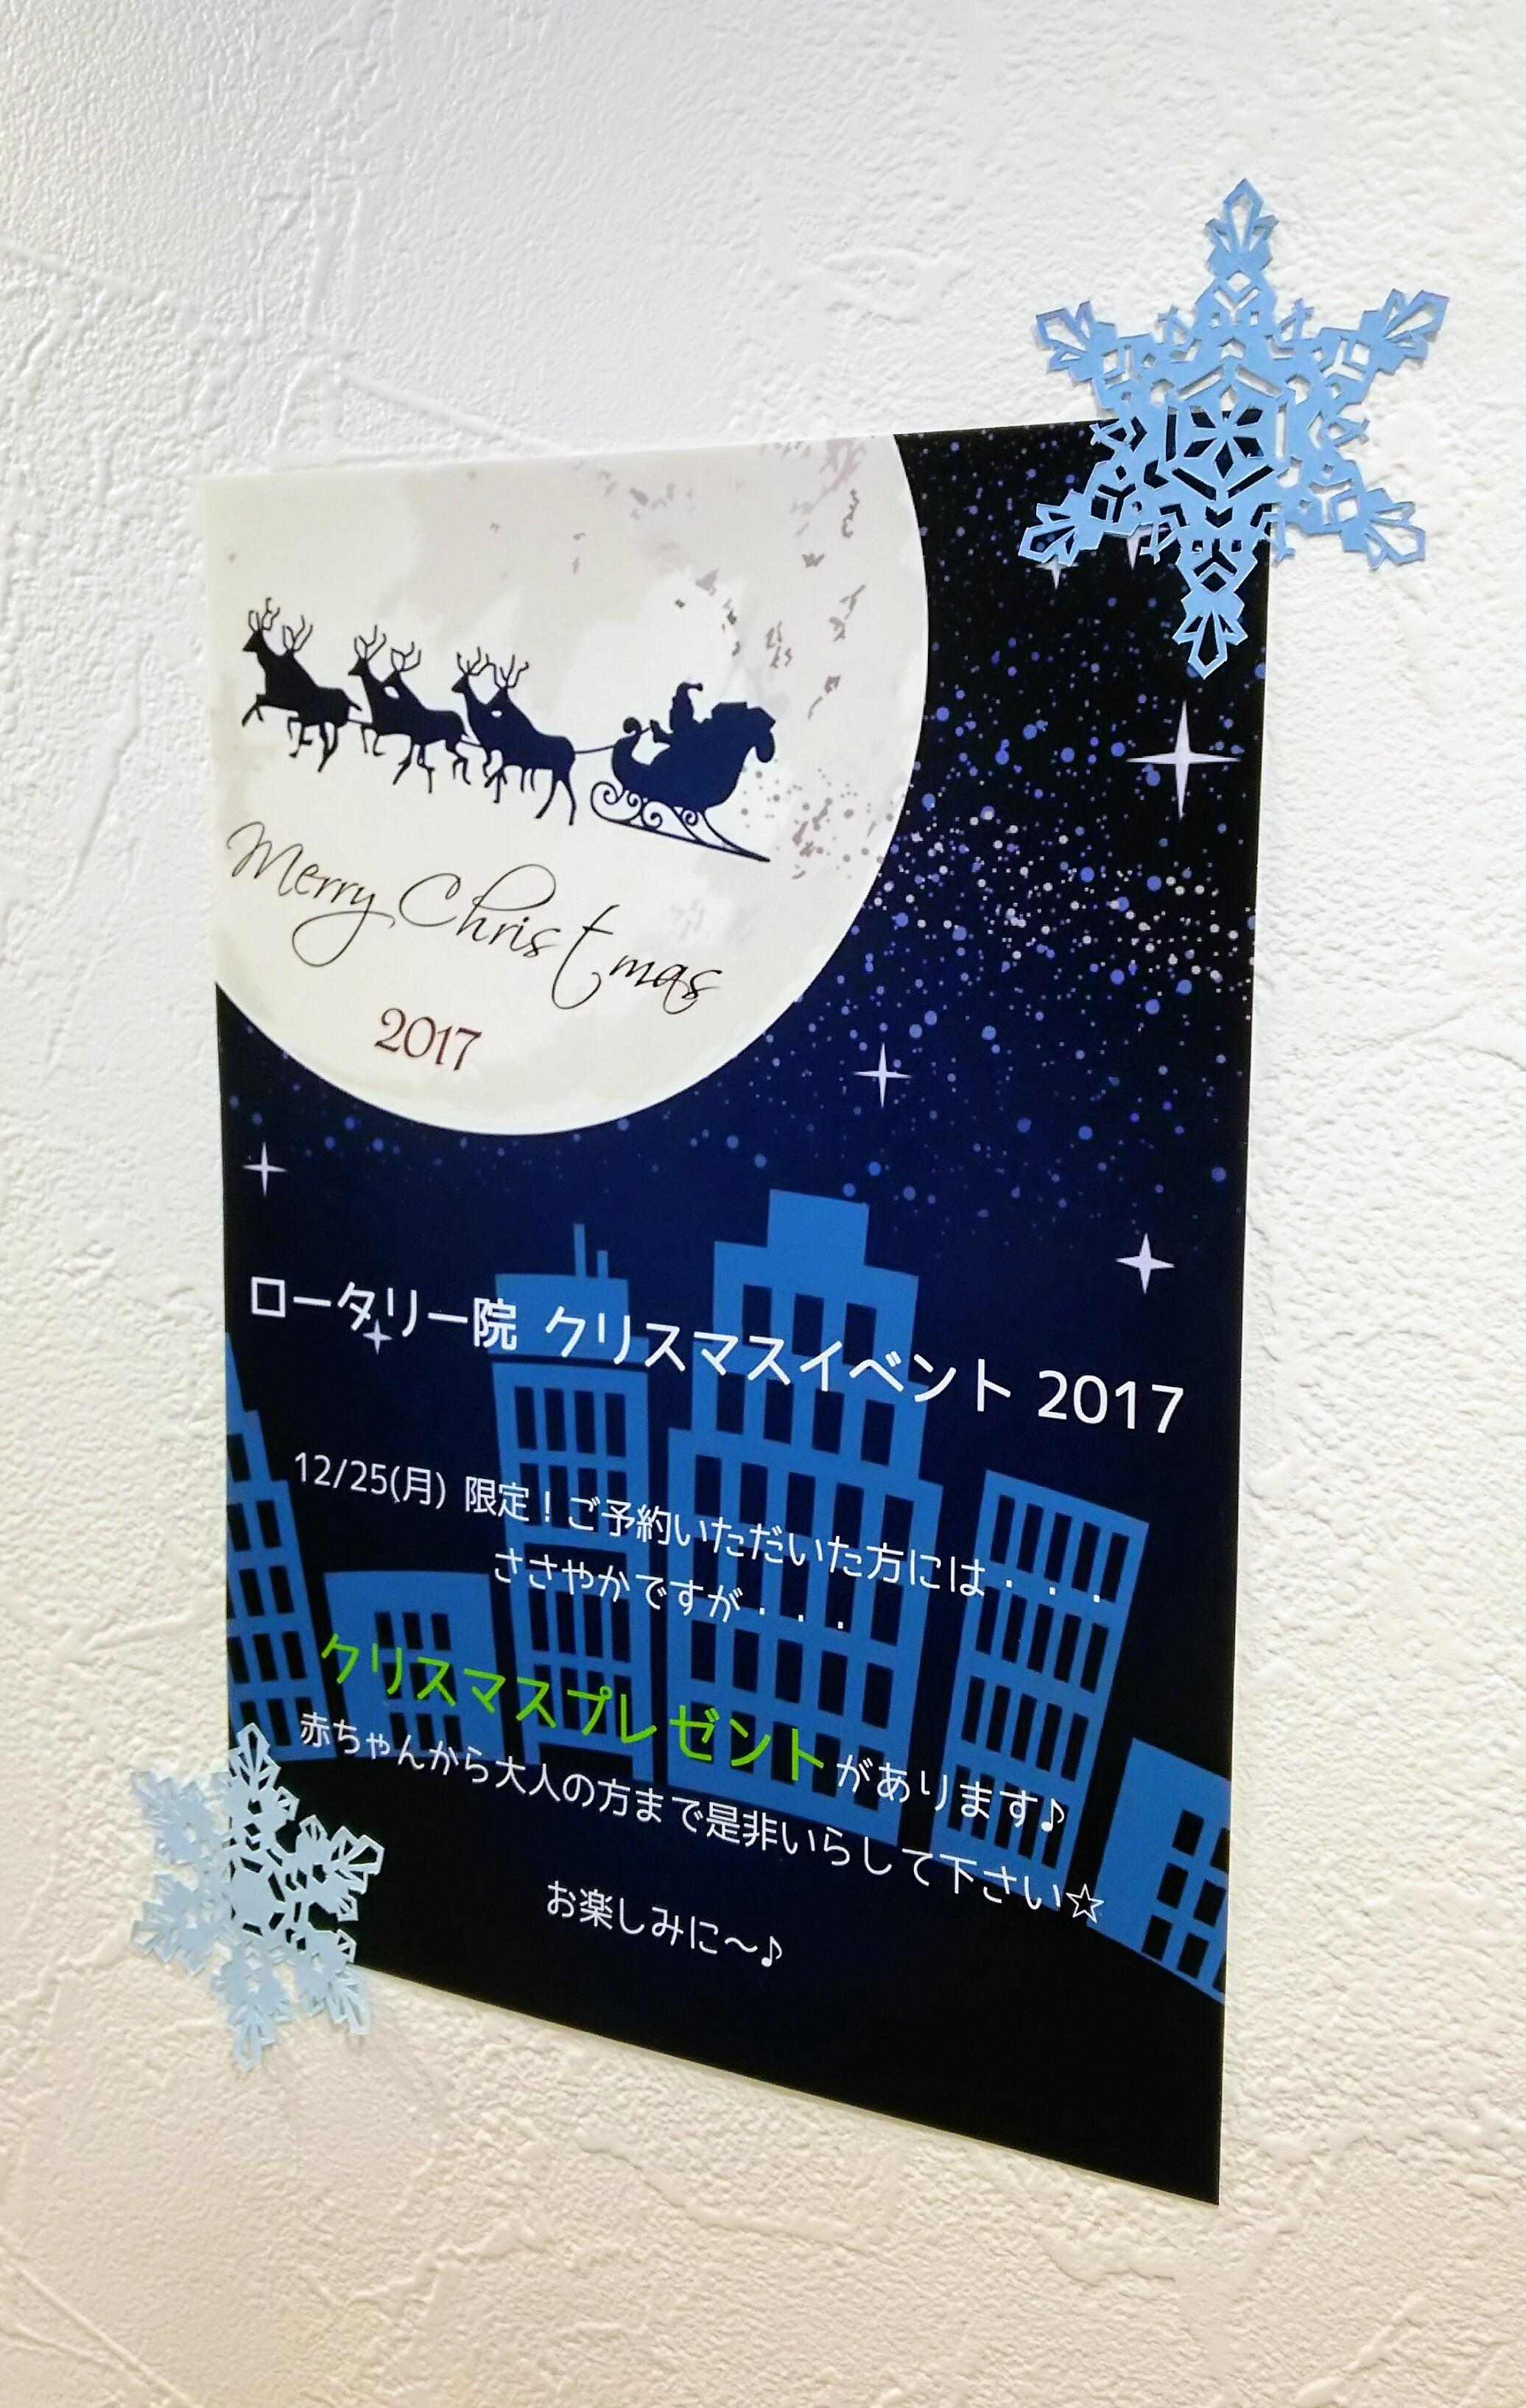 ロータリー院 クリスマスイベント2017